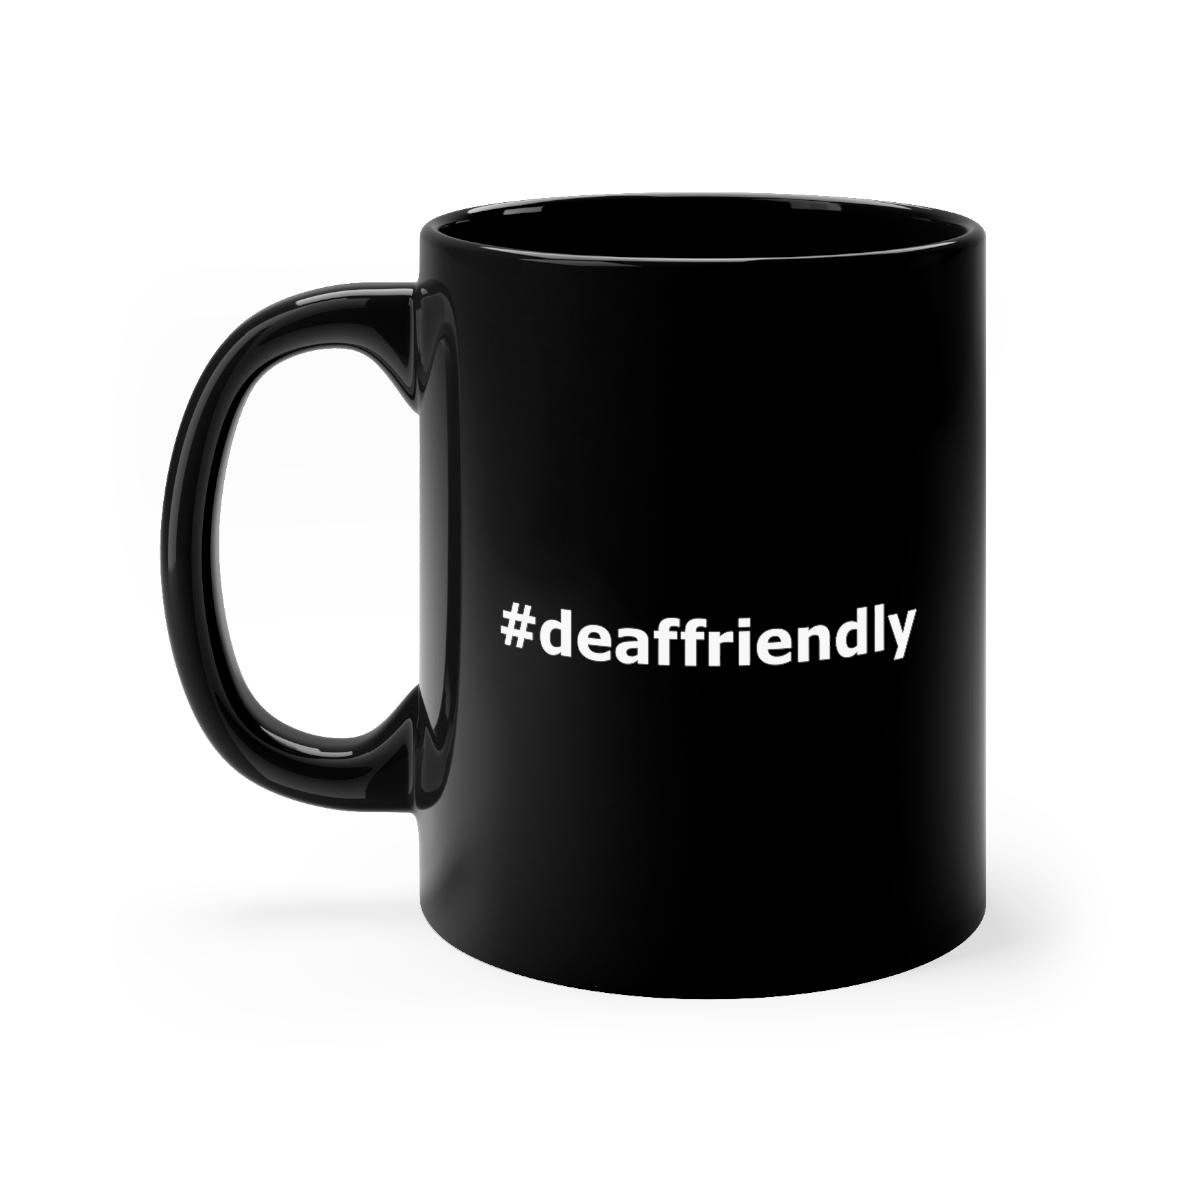 #deaffriendly BLACK MUG